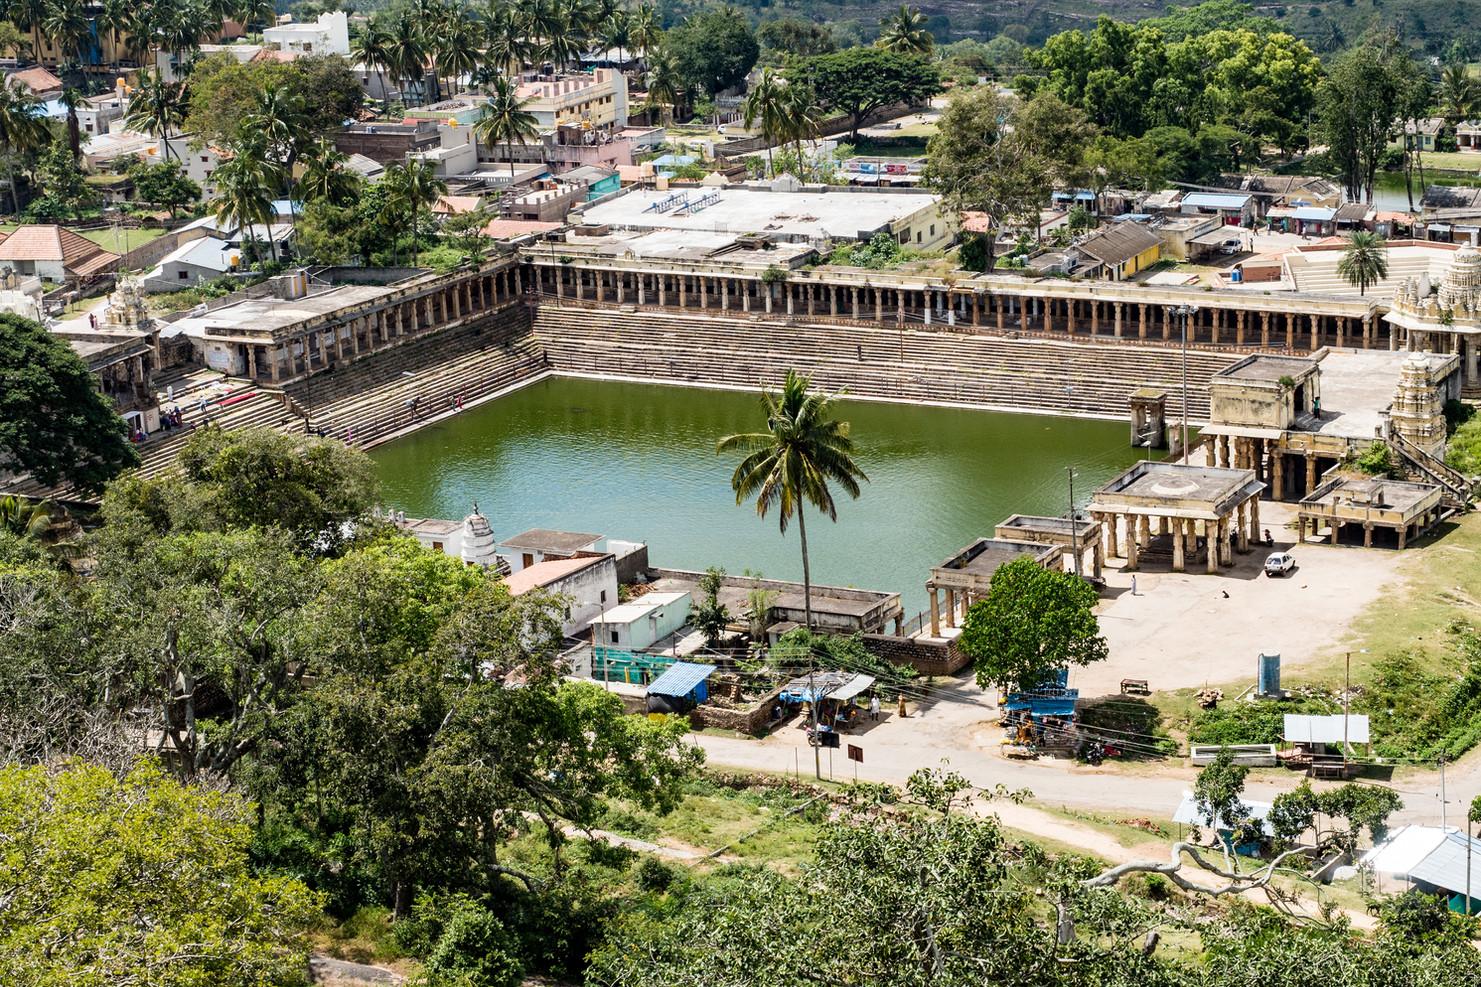 Melkote, India